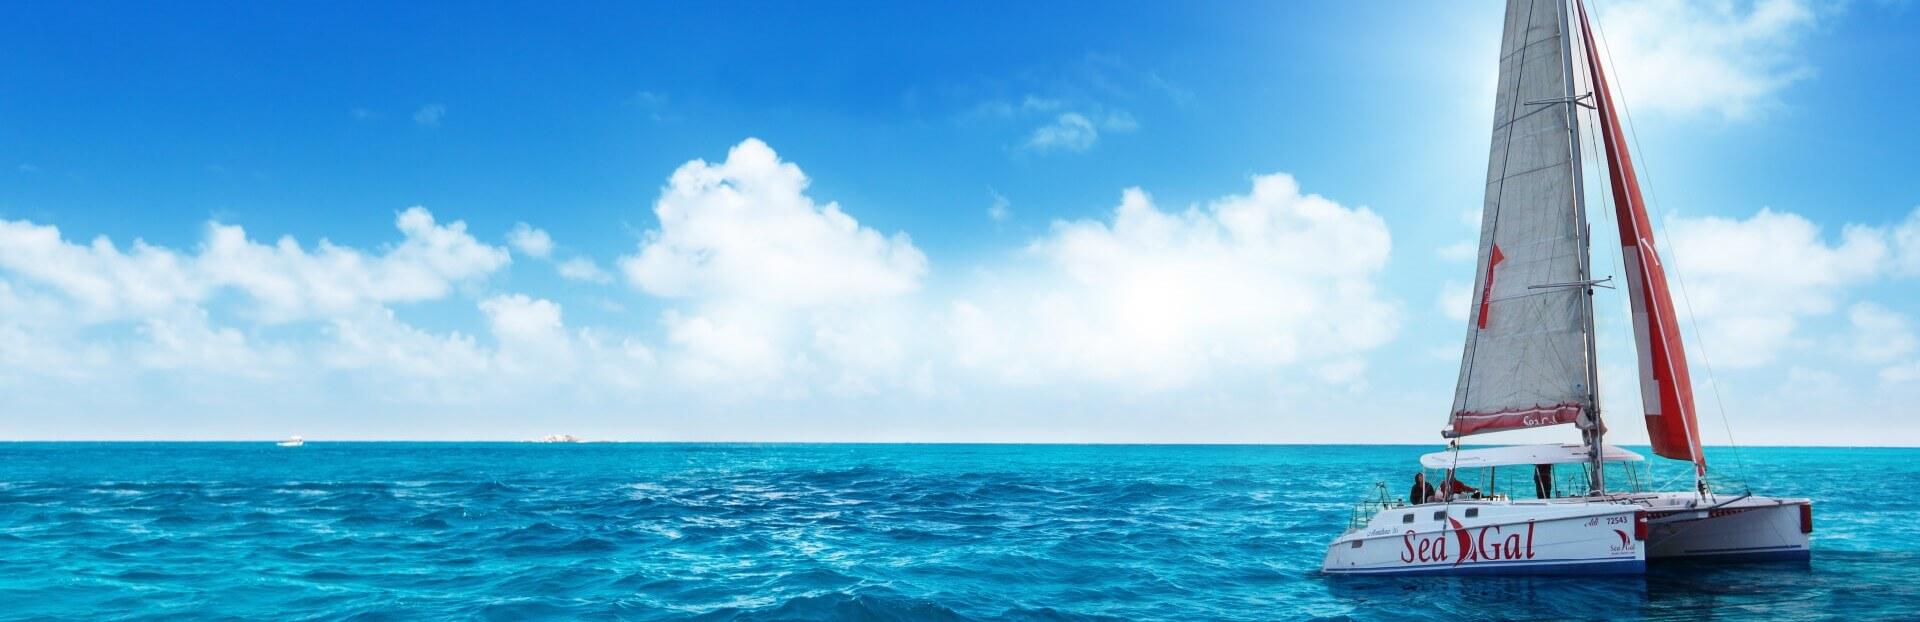 קטמרן בים כחול